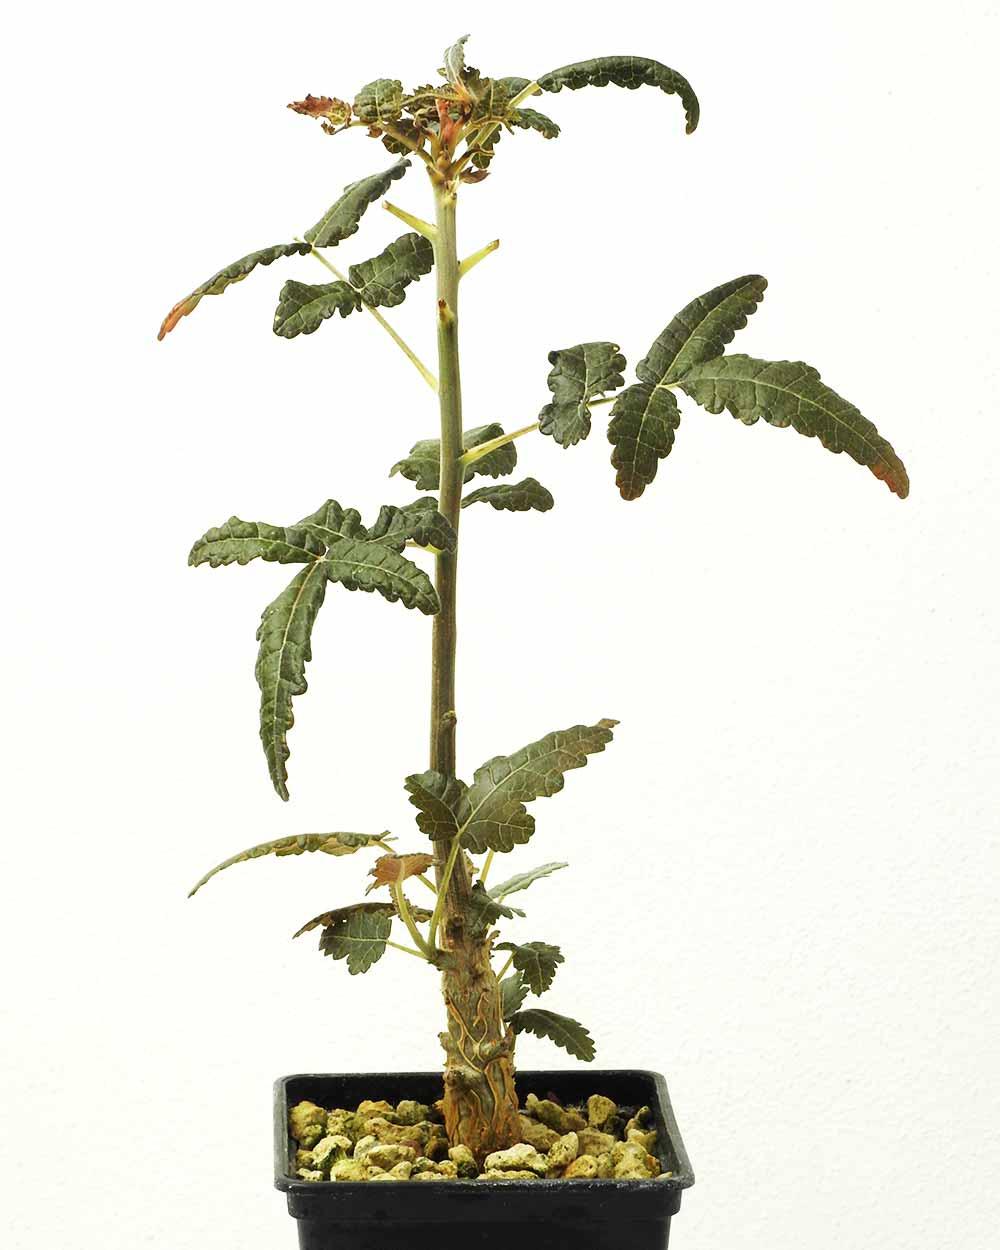 Boswellia ameero